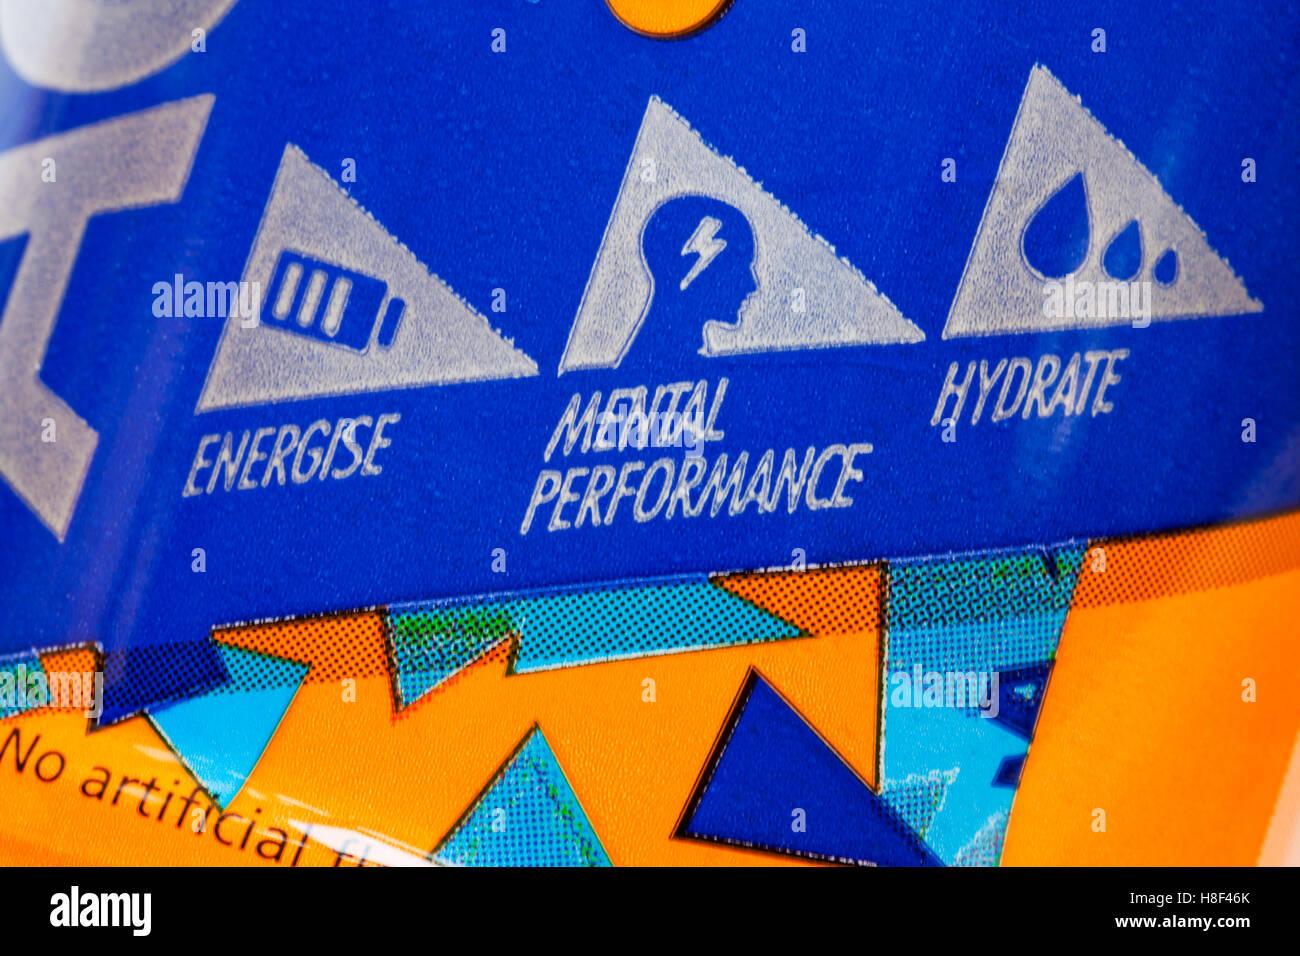 energise, mental performance, hydrate symbols on bottle of Tesco Active isotonic orange drink - Stock Image